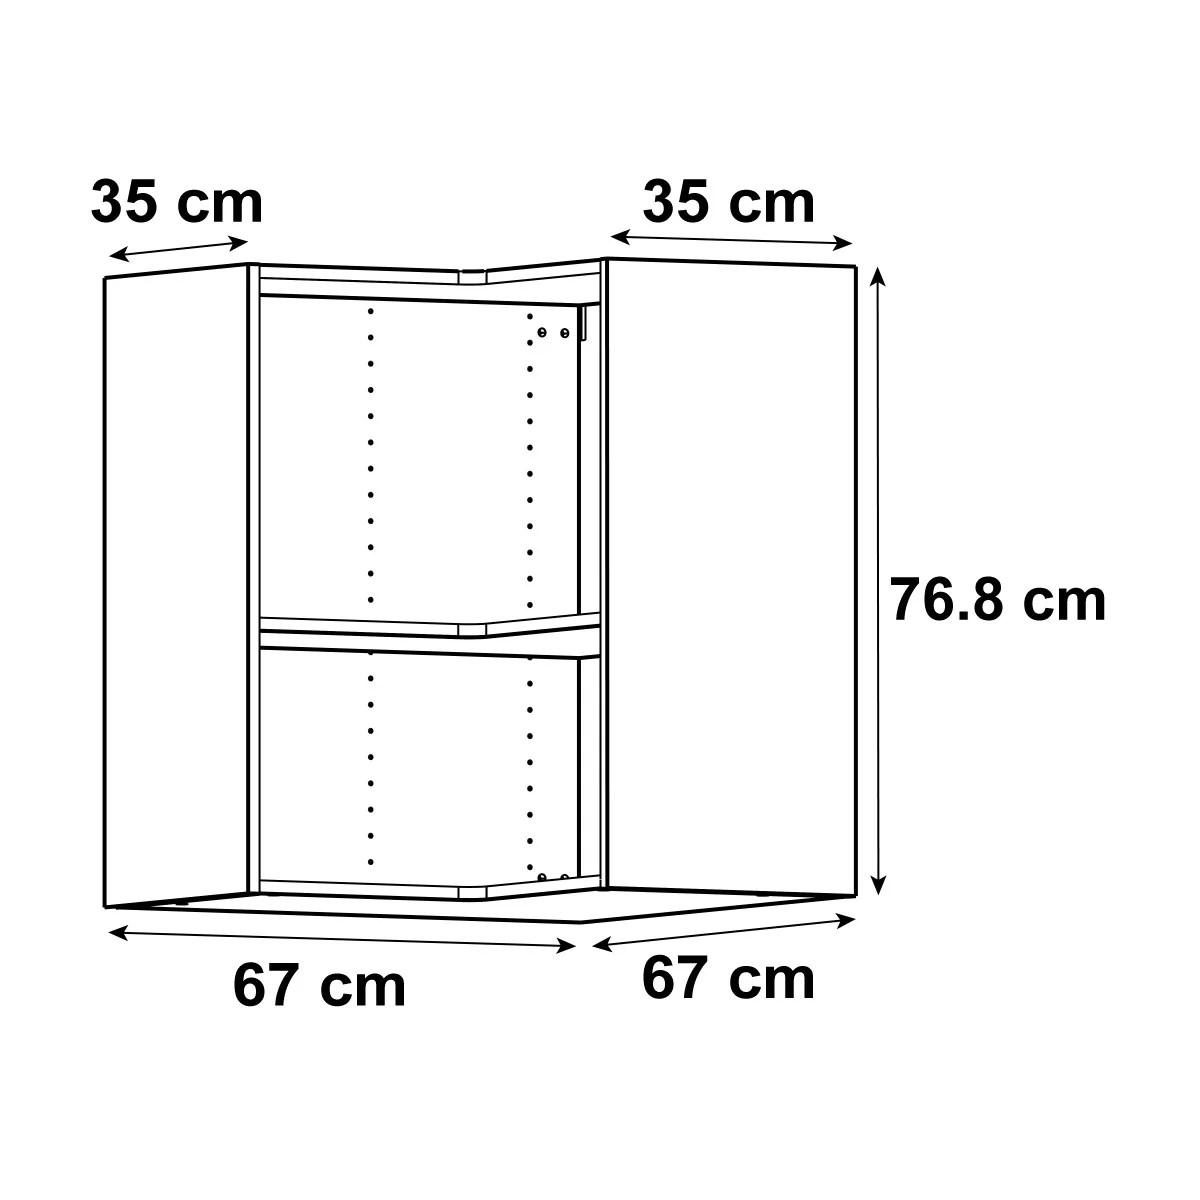 caisson de cuisine meuble haut d angle delinia id blanc h 76 8 x l 67 x p 35 cm